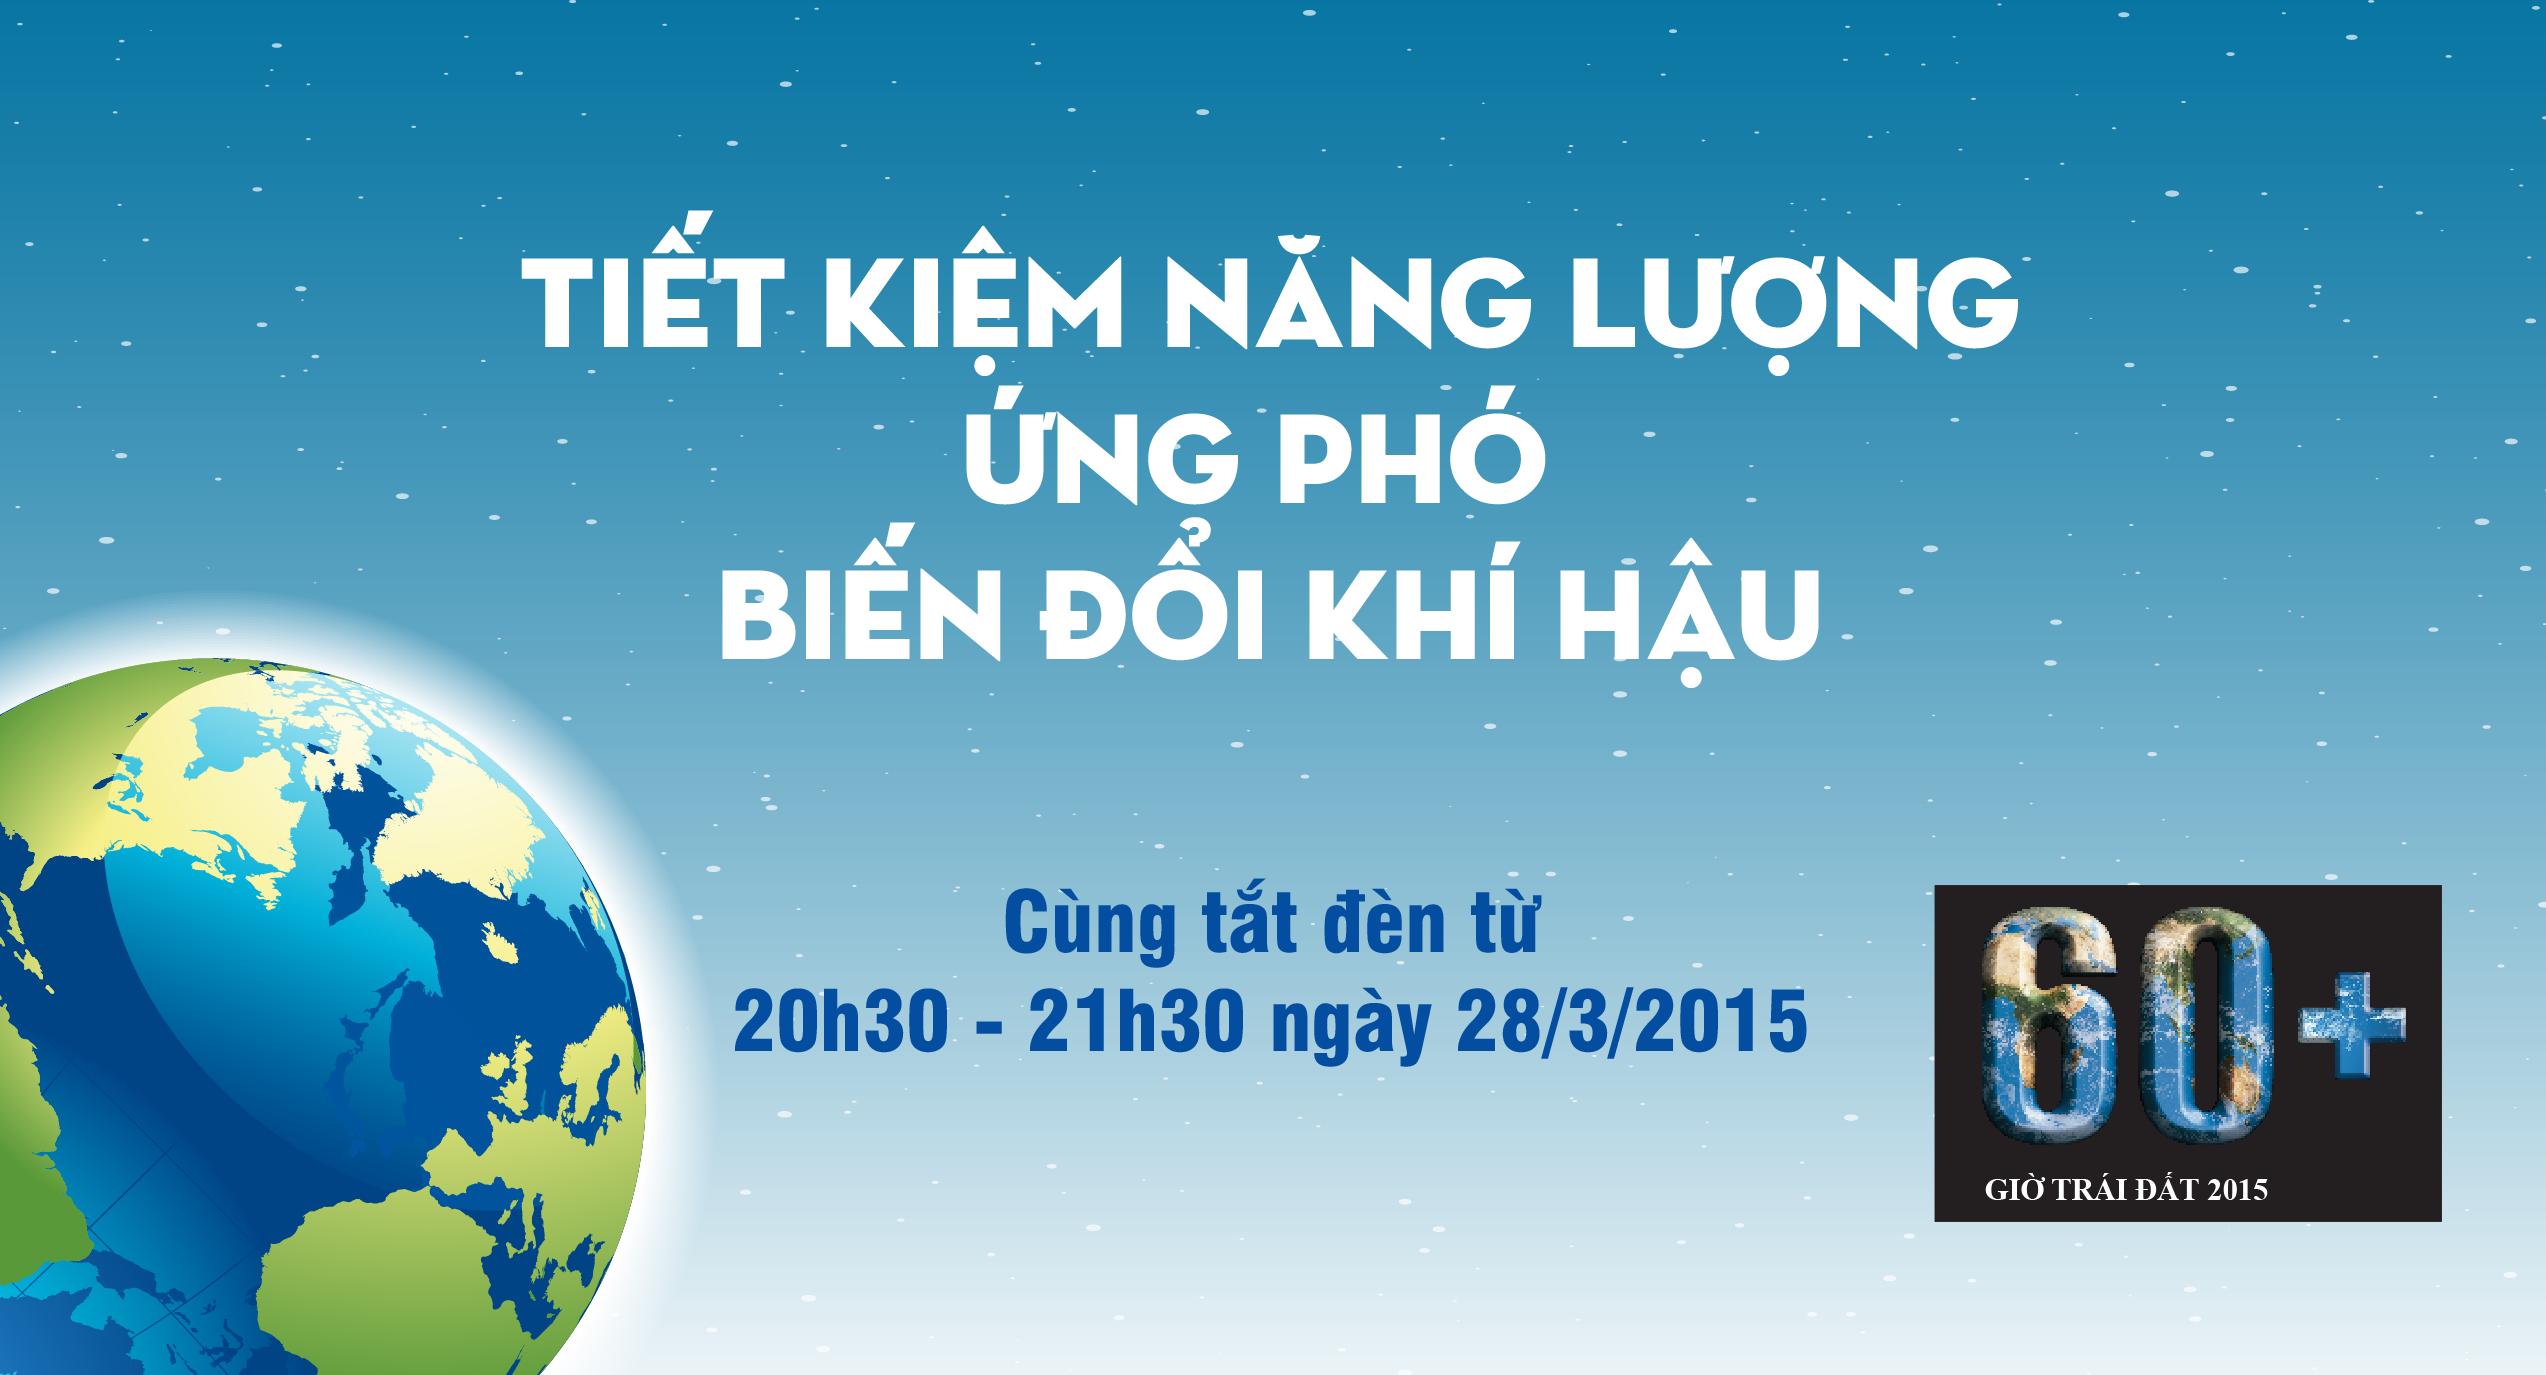 Gio trai dat 2015 -banner no logo]